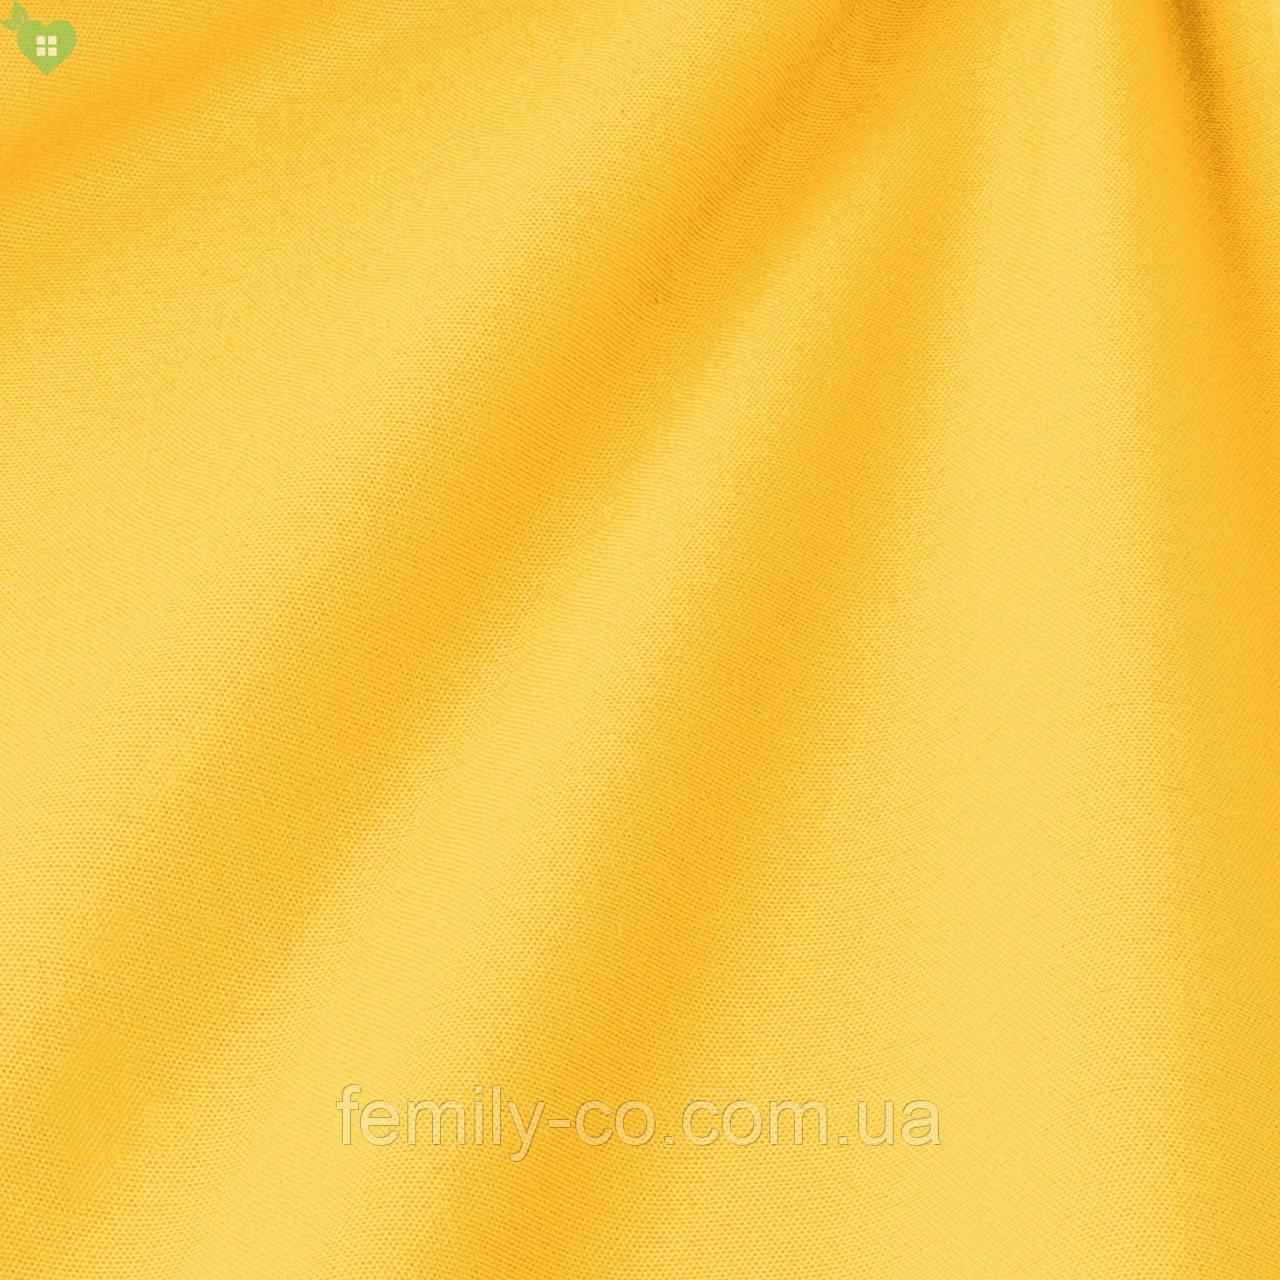 Однотонная декоративная ткань блестящего желтого цвета Испания 82432v5